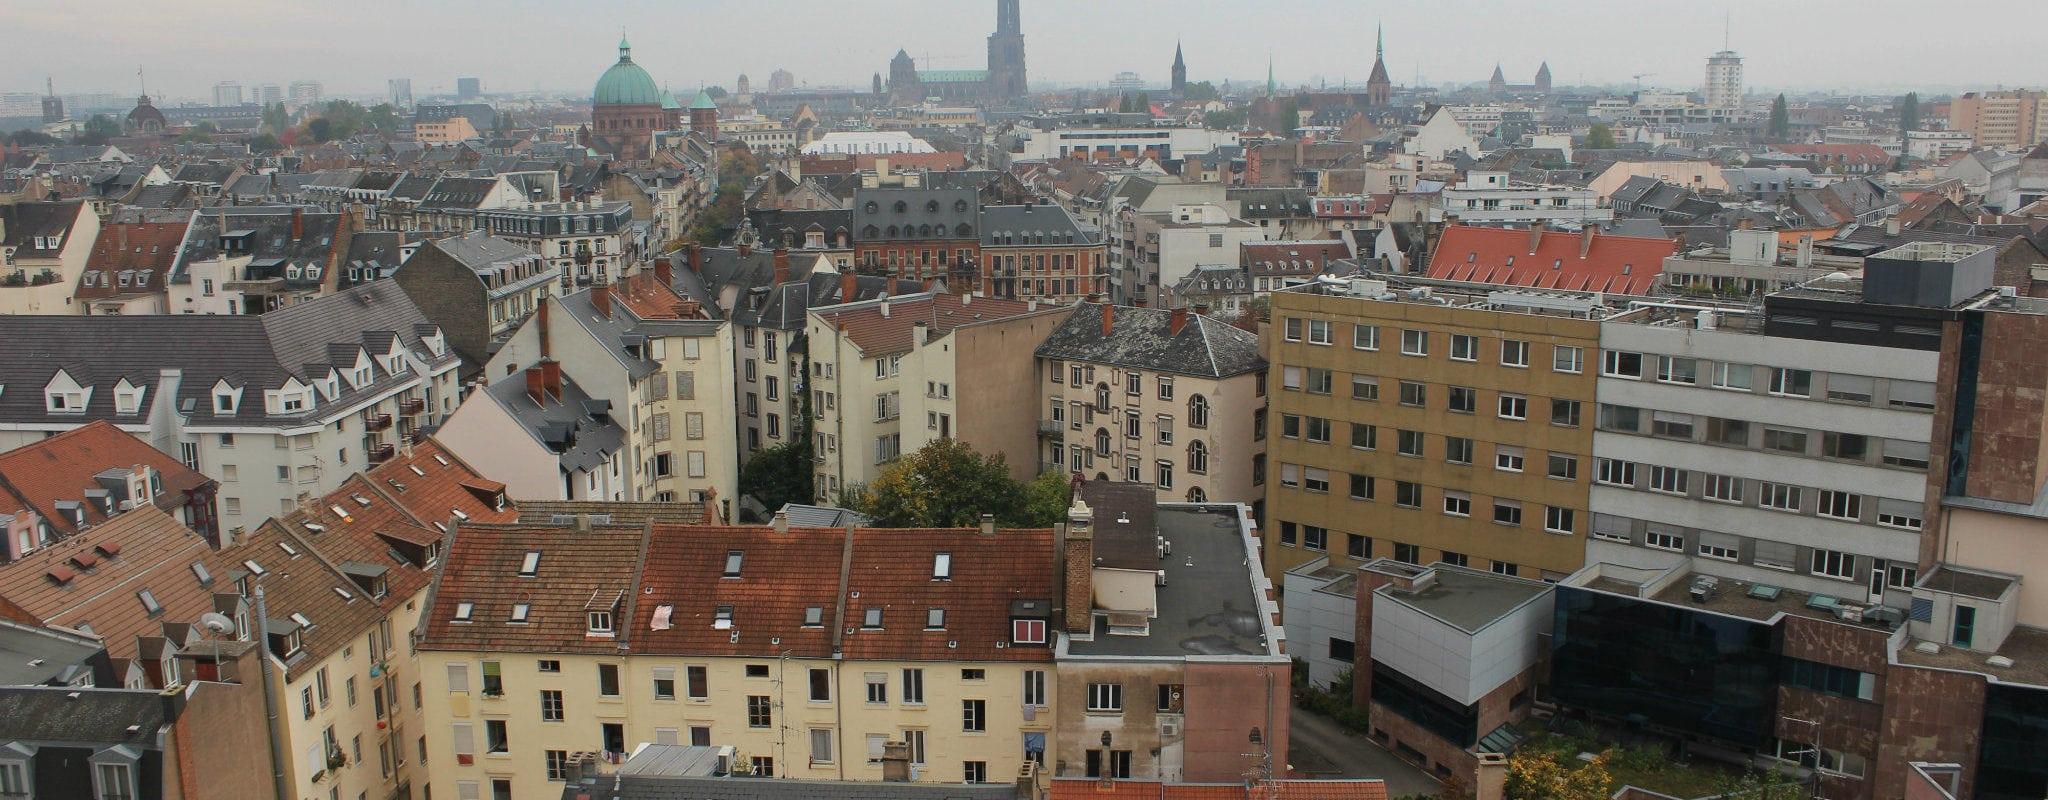 Au conseil municipal, 500 millions d'euros à dépenser dans un climat pesant